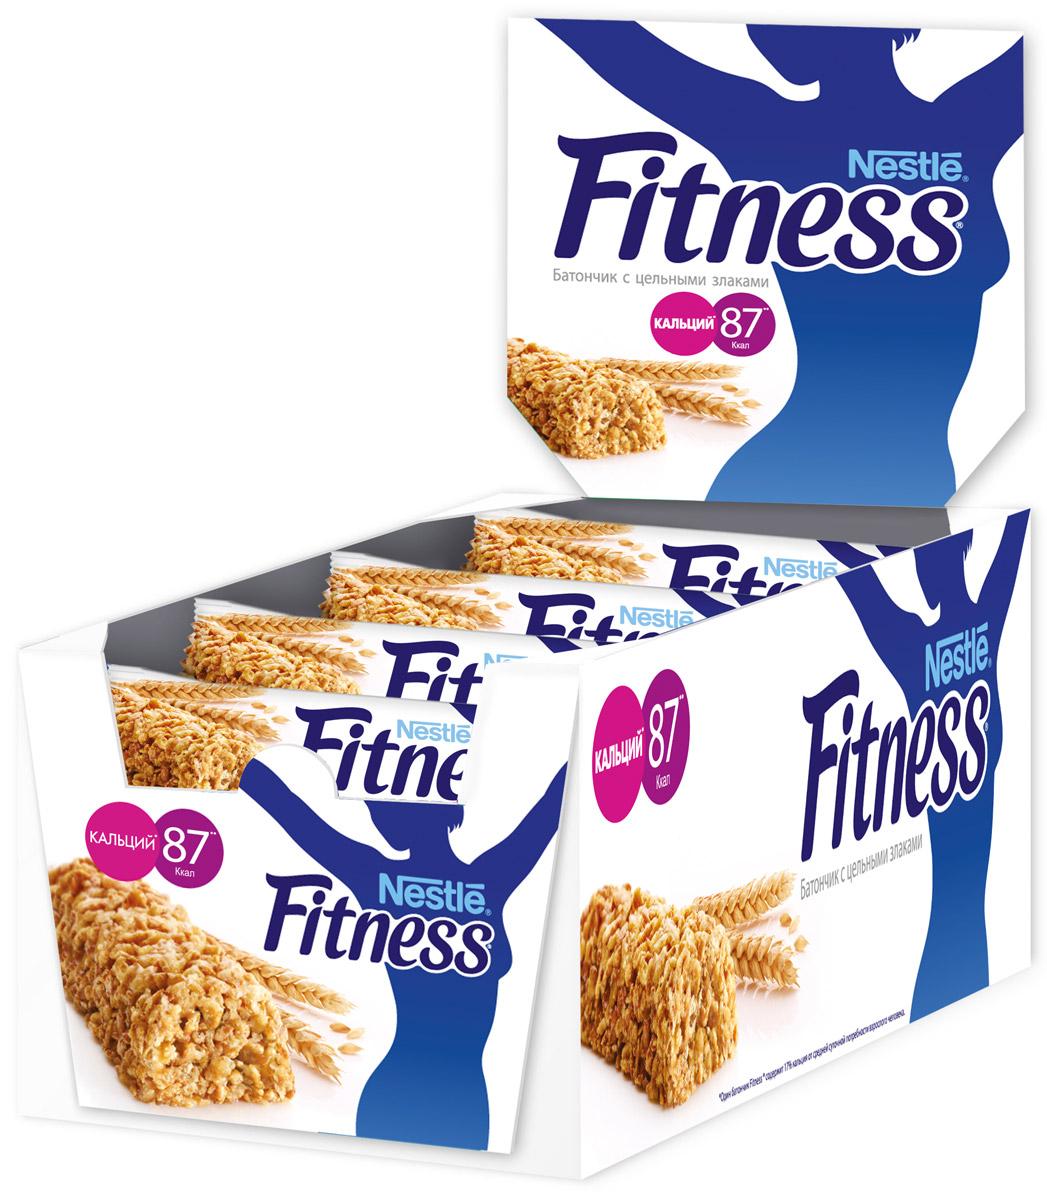 Nestle Fitness батончик с цельными злаками, 24 шт12251582Батончик Nestle Fitness с цельными злаками - полезный перекус без вреда для вашей фигуры! Батончик Fitness содержит много клетчатки и мало жира. Клетчатка в цельных злаках регулирует пищеварение, способствуя поддержанию оптимального веса тела (при условии сбалансированного питания и регулярных физических активностей). Сложные углеводы перевариваются медленнее и позволяют сохранять чувство сытости дольше. Обогащен витаминами D, B2, B6, кальцием и железом. Вес одного батончика: 23,5 г